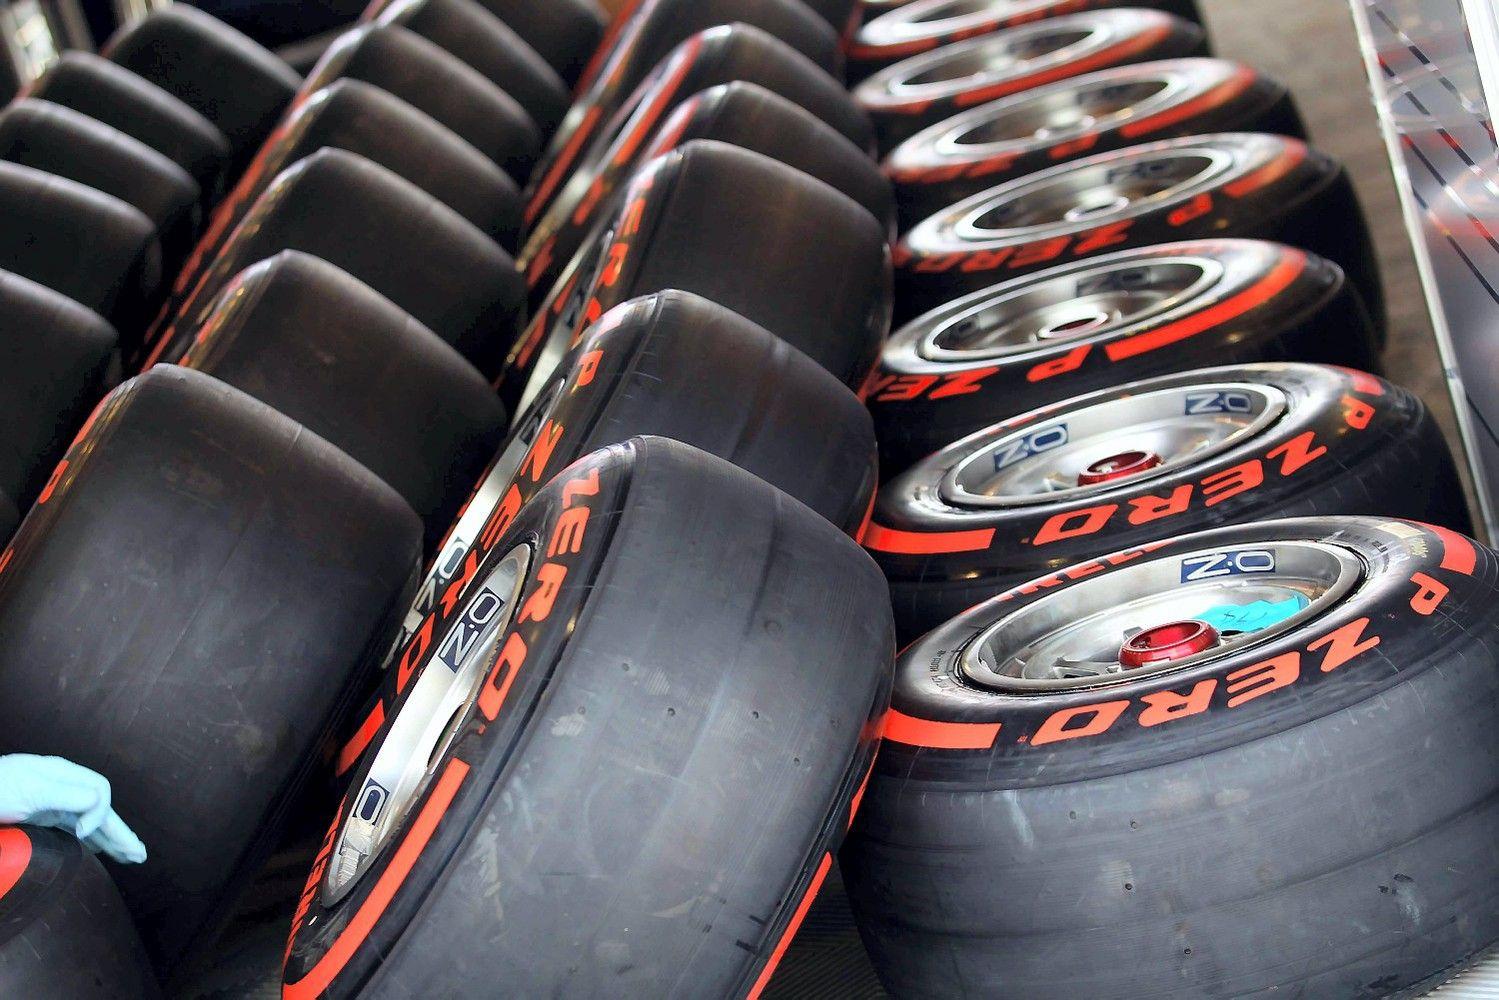 """Į biržą grįžtanti """"Pirelli"""" įvertinta 6,5 mlrd. Eur"""